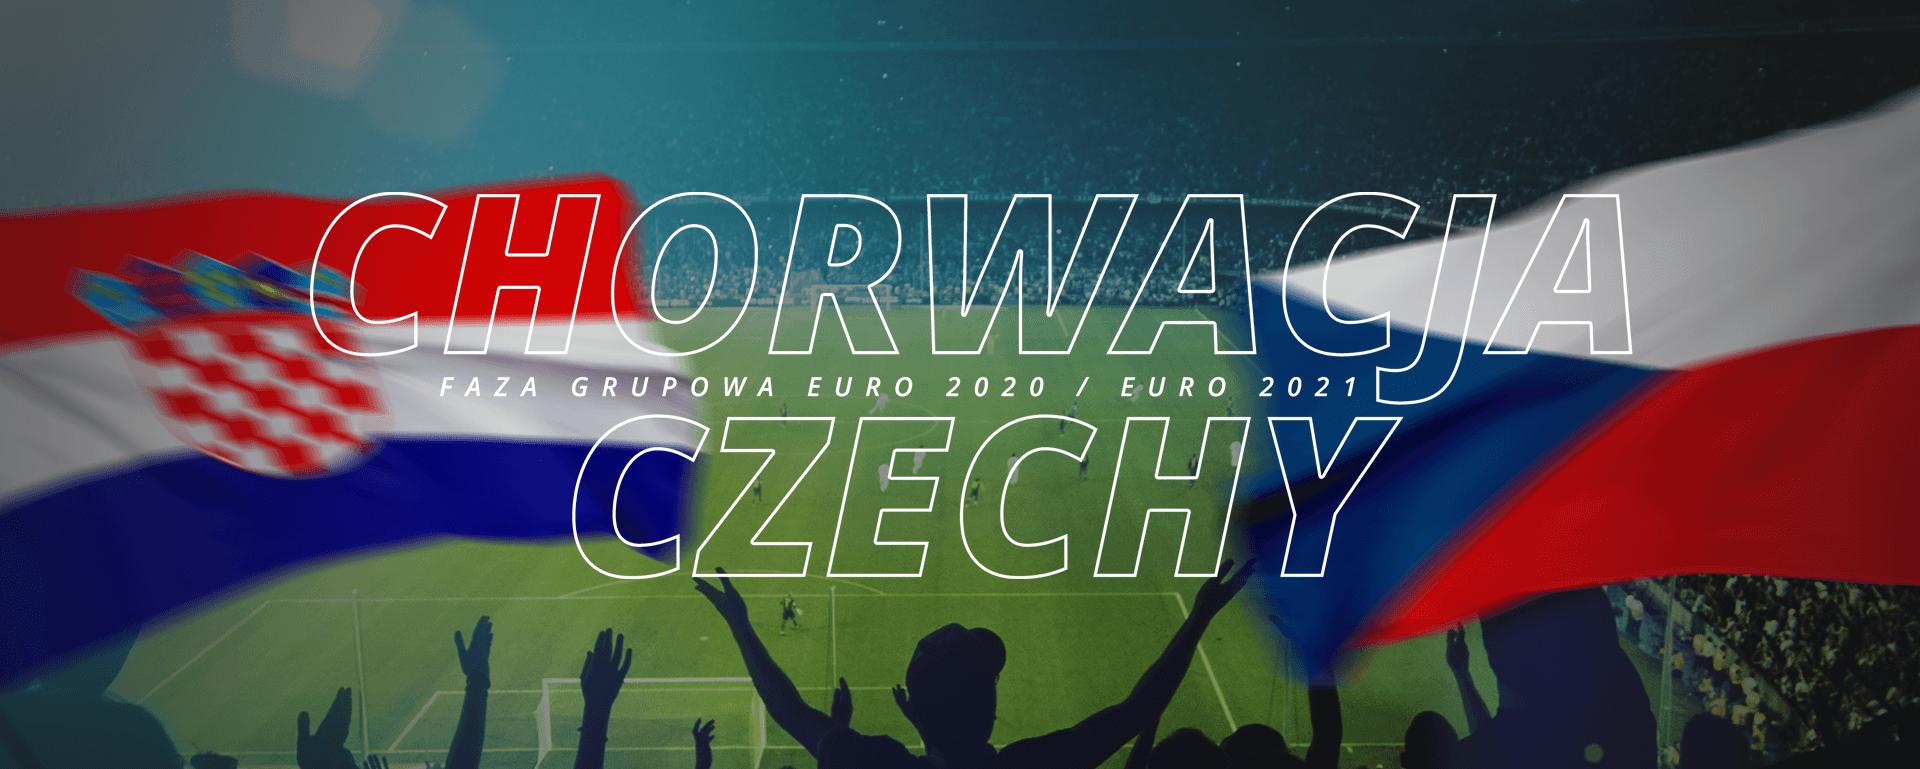 Chorwacja – Czechy | faza grupowa Euro 2020 / Euro 2021